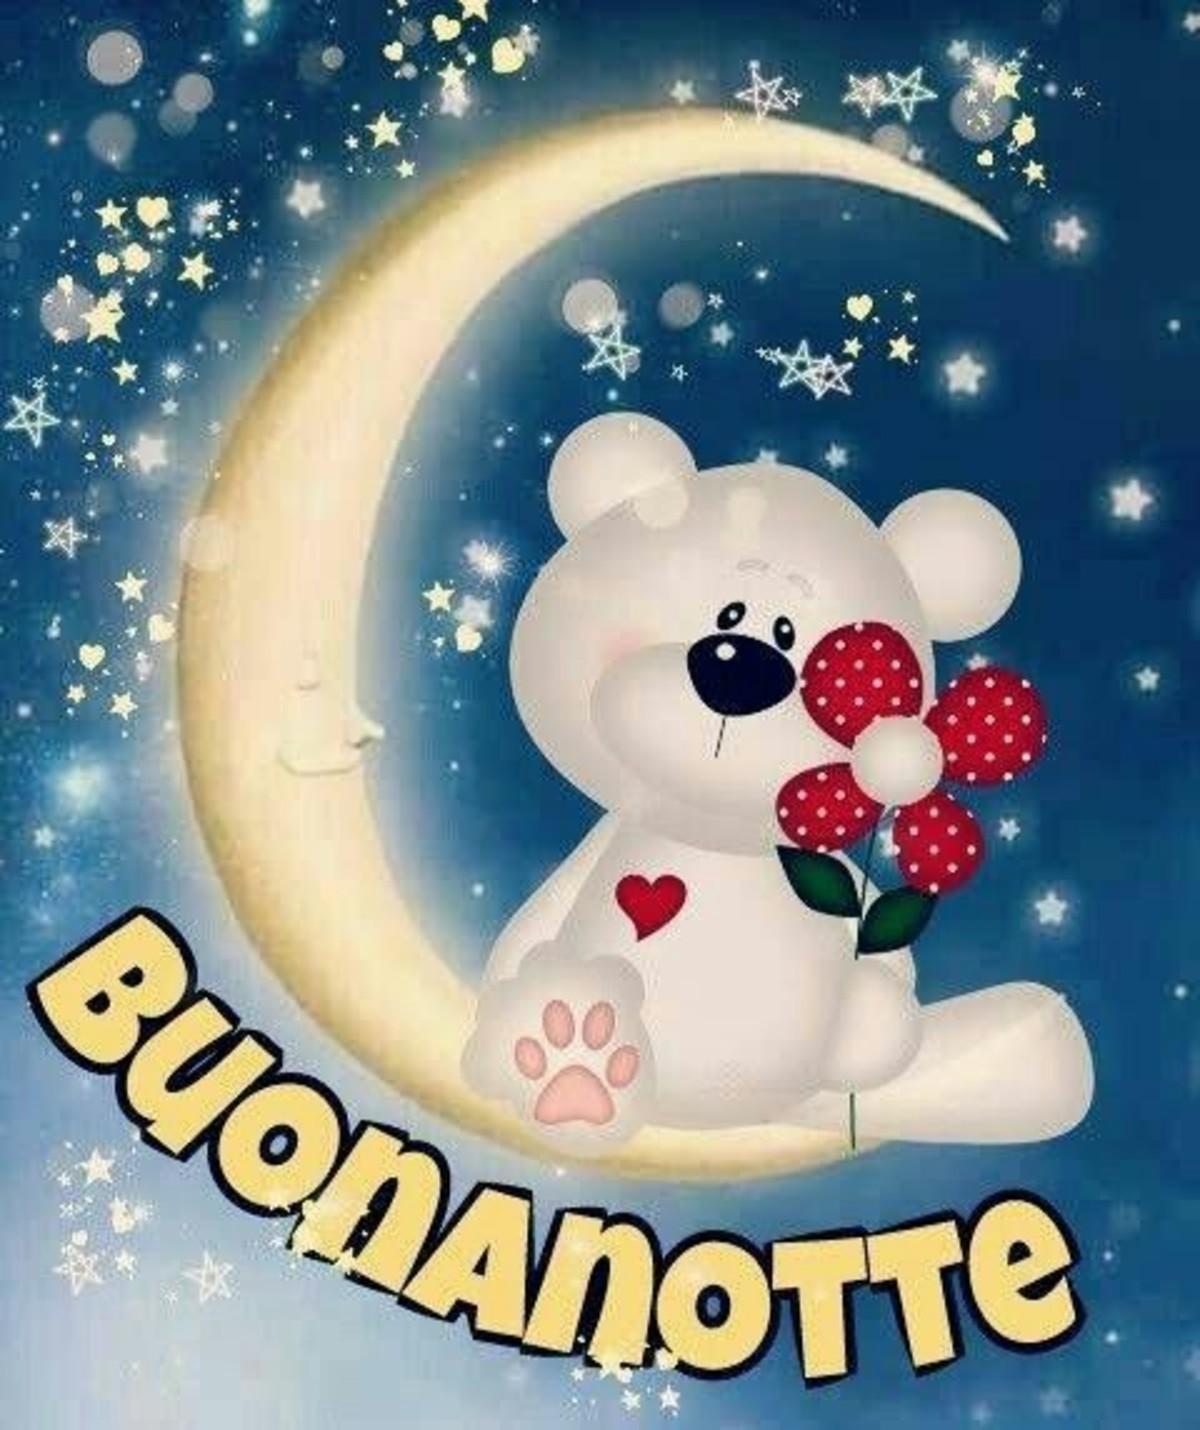 Buonanotte Immagini Con Orsetti Orsacchiotti Bellissimeimmaginiit